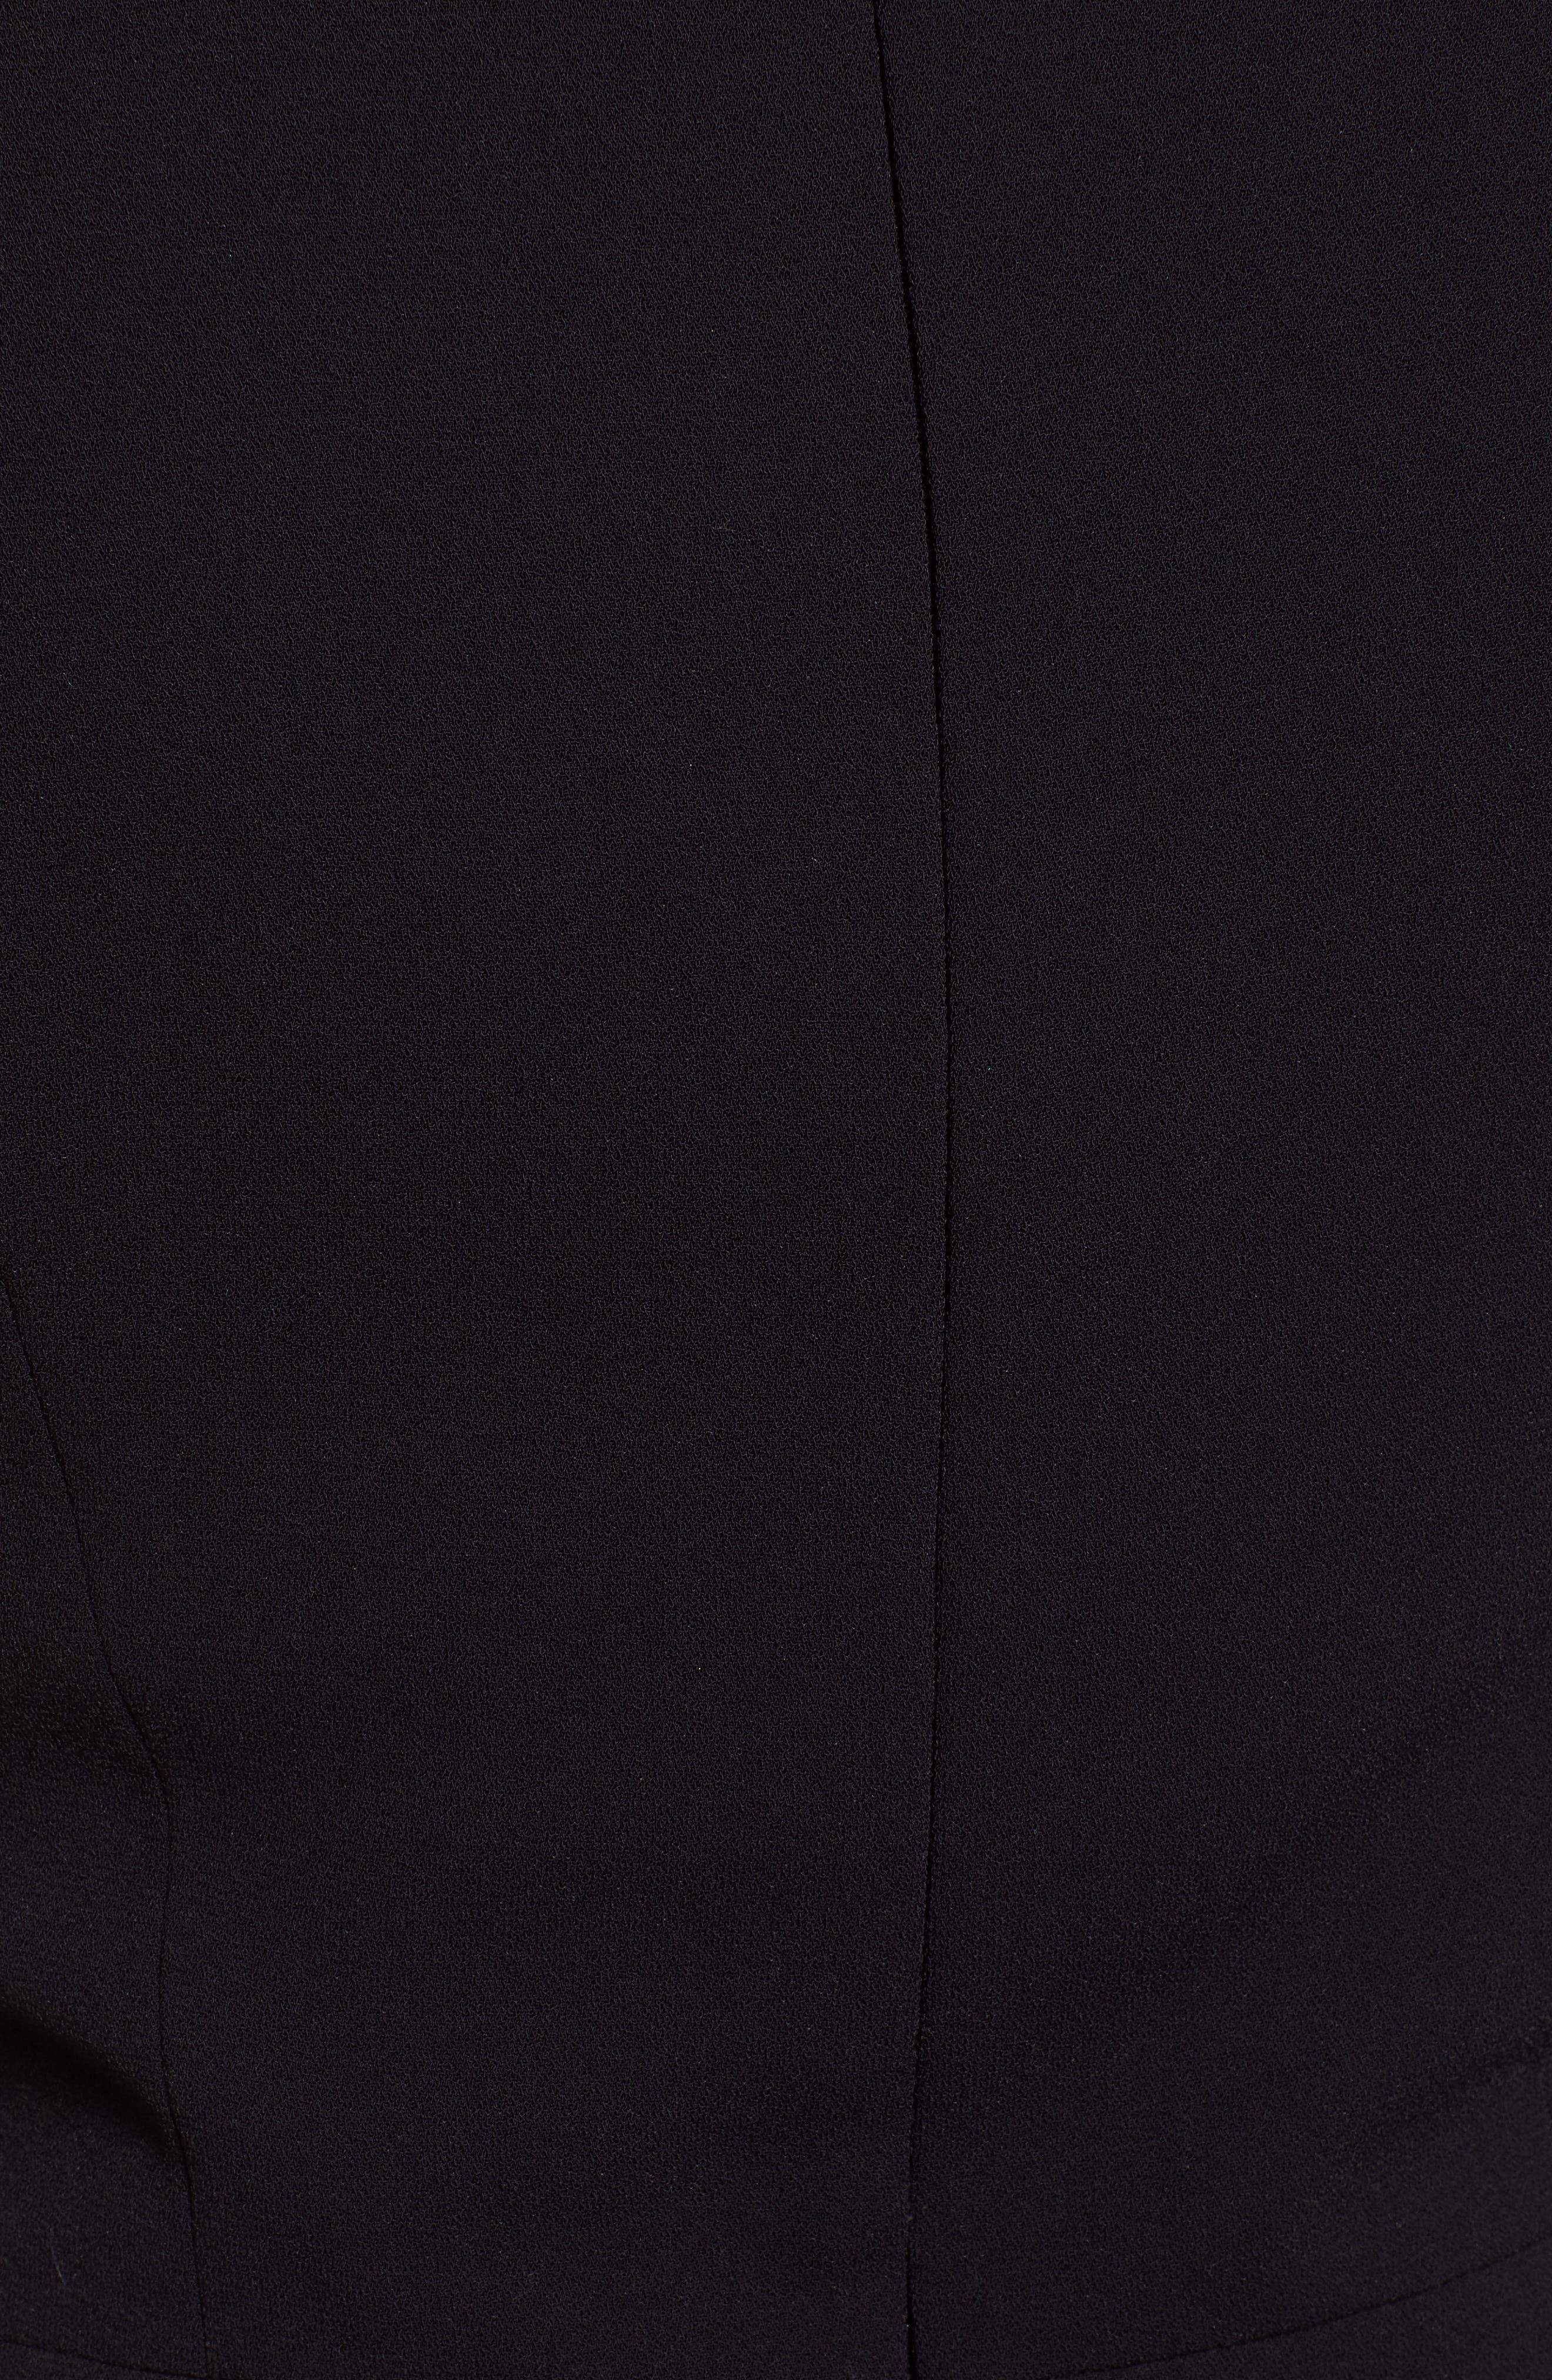 Velvet Bow Detail Jumpsuit,                             Alternate thumbnail 6, color,                             RICH BLACK